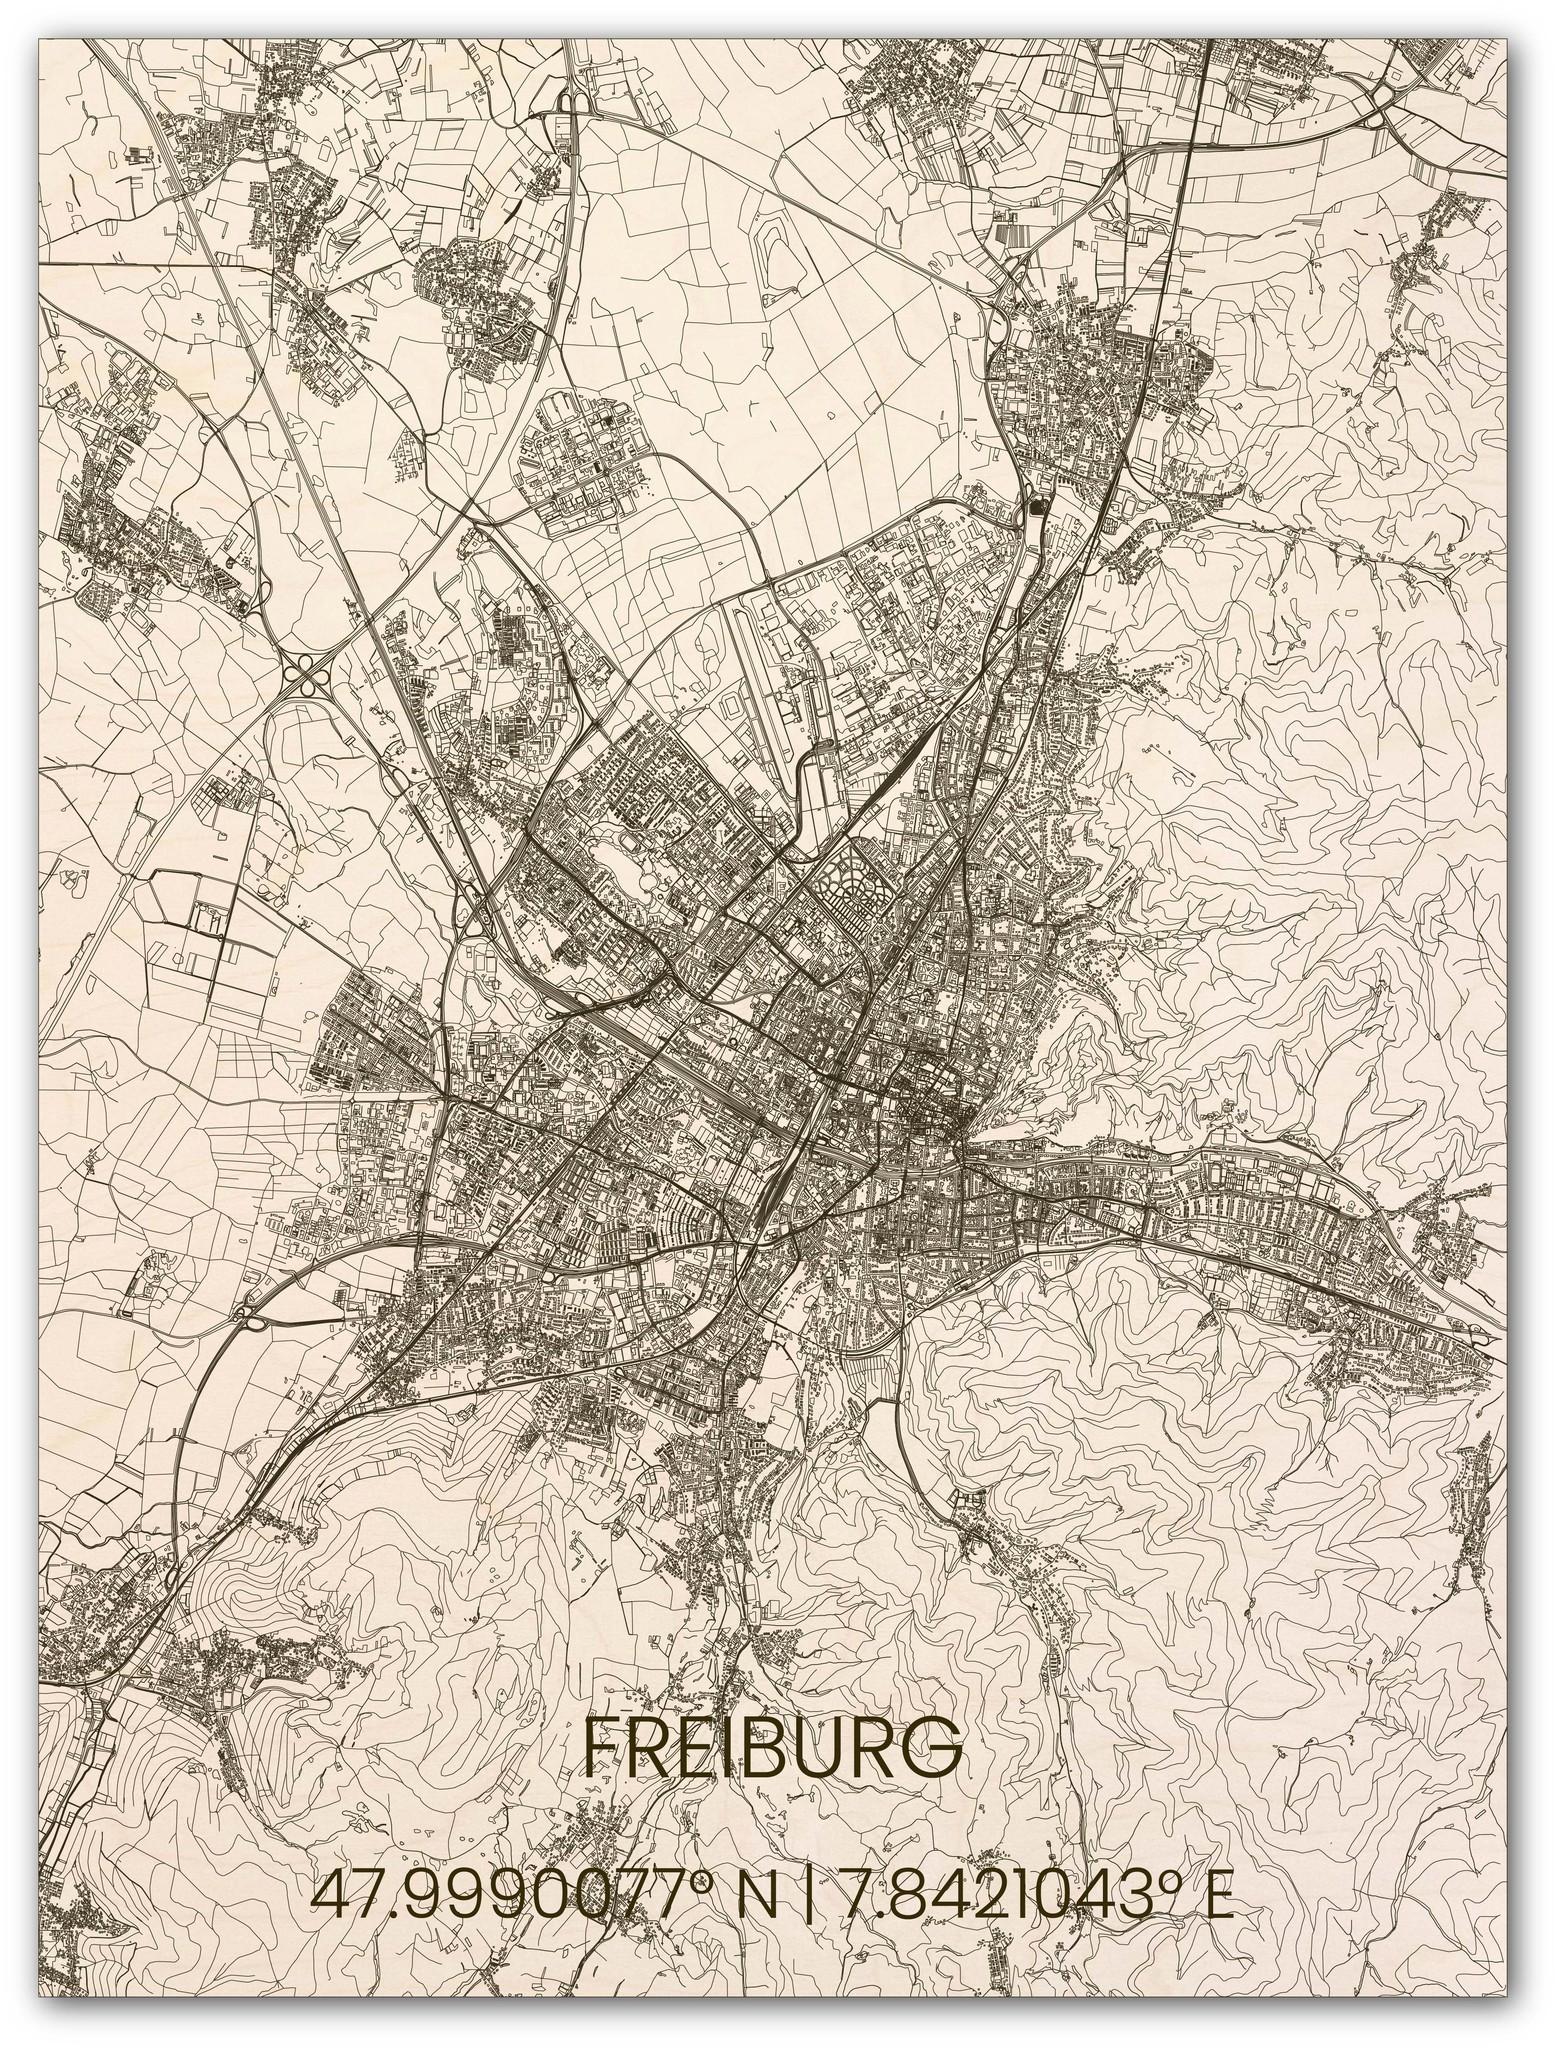 Houten stadsplattegrond Freiburg-1